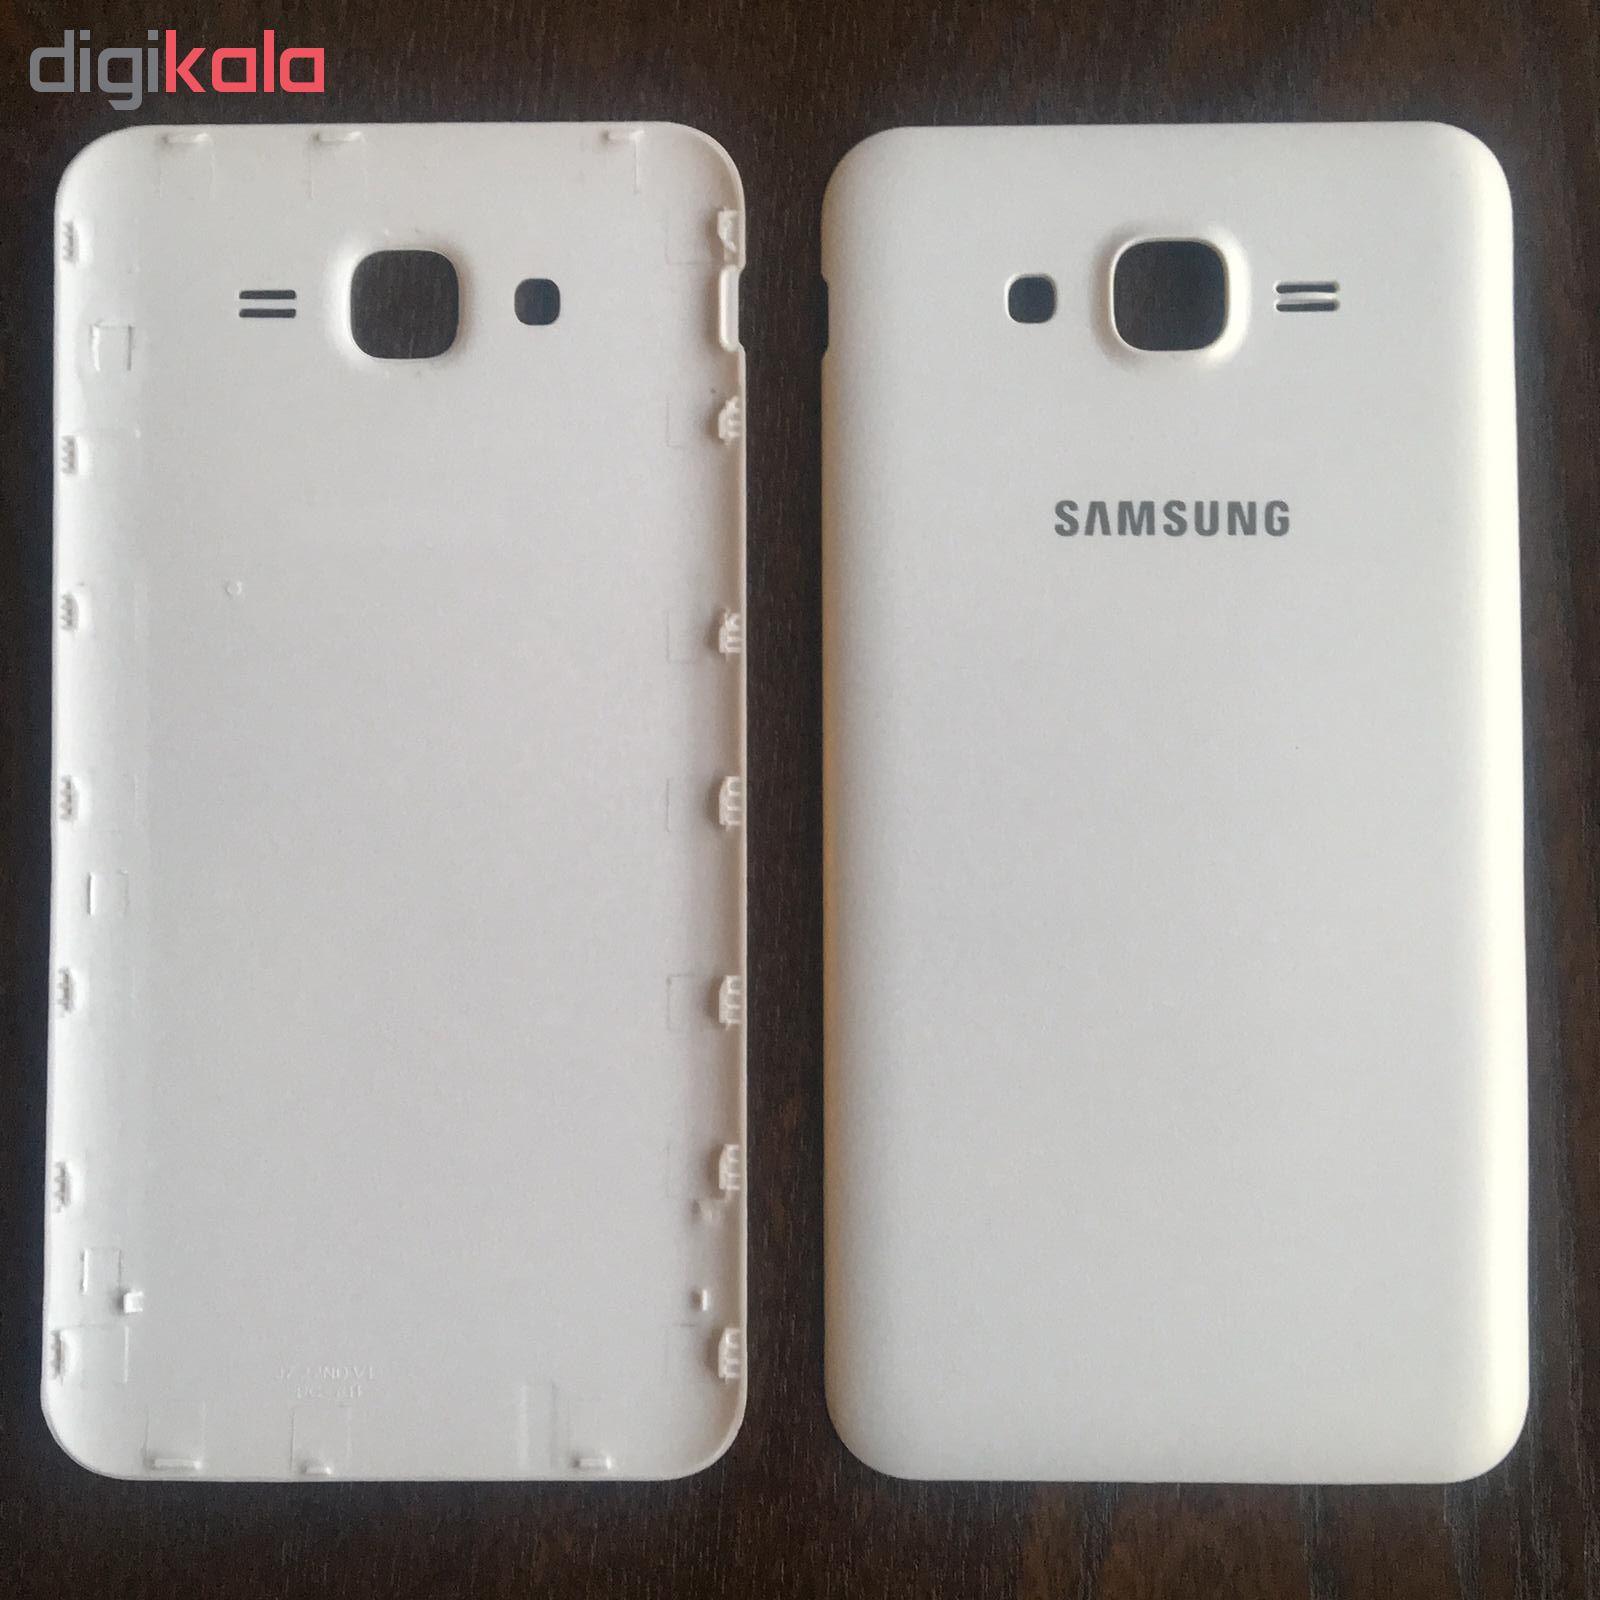 درب پشت گوشی مدل J515 مناسب برای گوشی موبایل سامسونگ Galaxy J5 2015 main 1 2